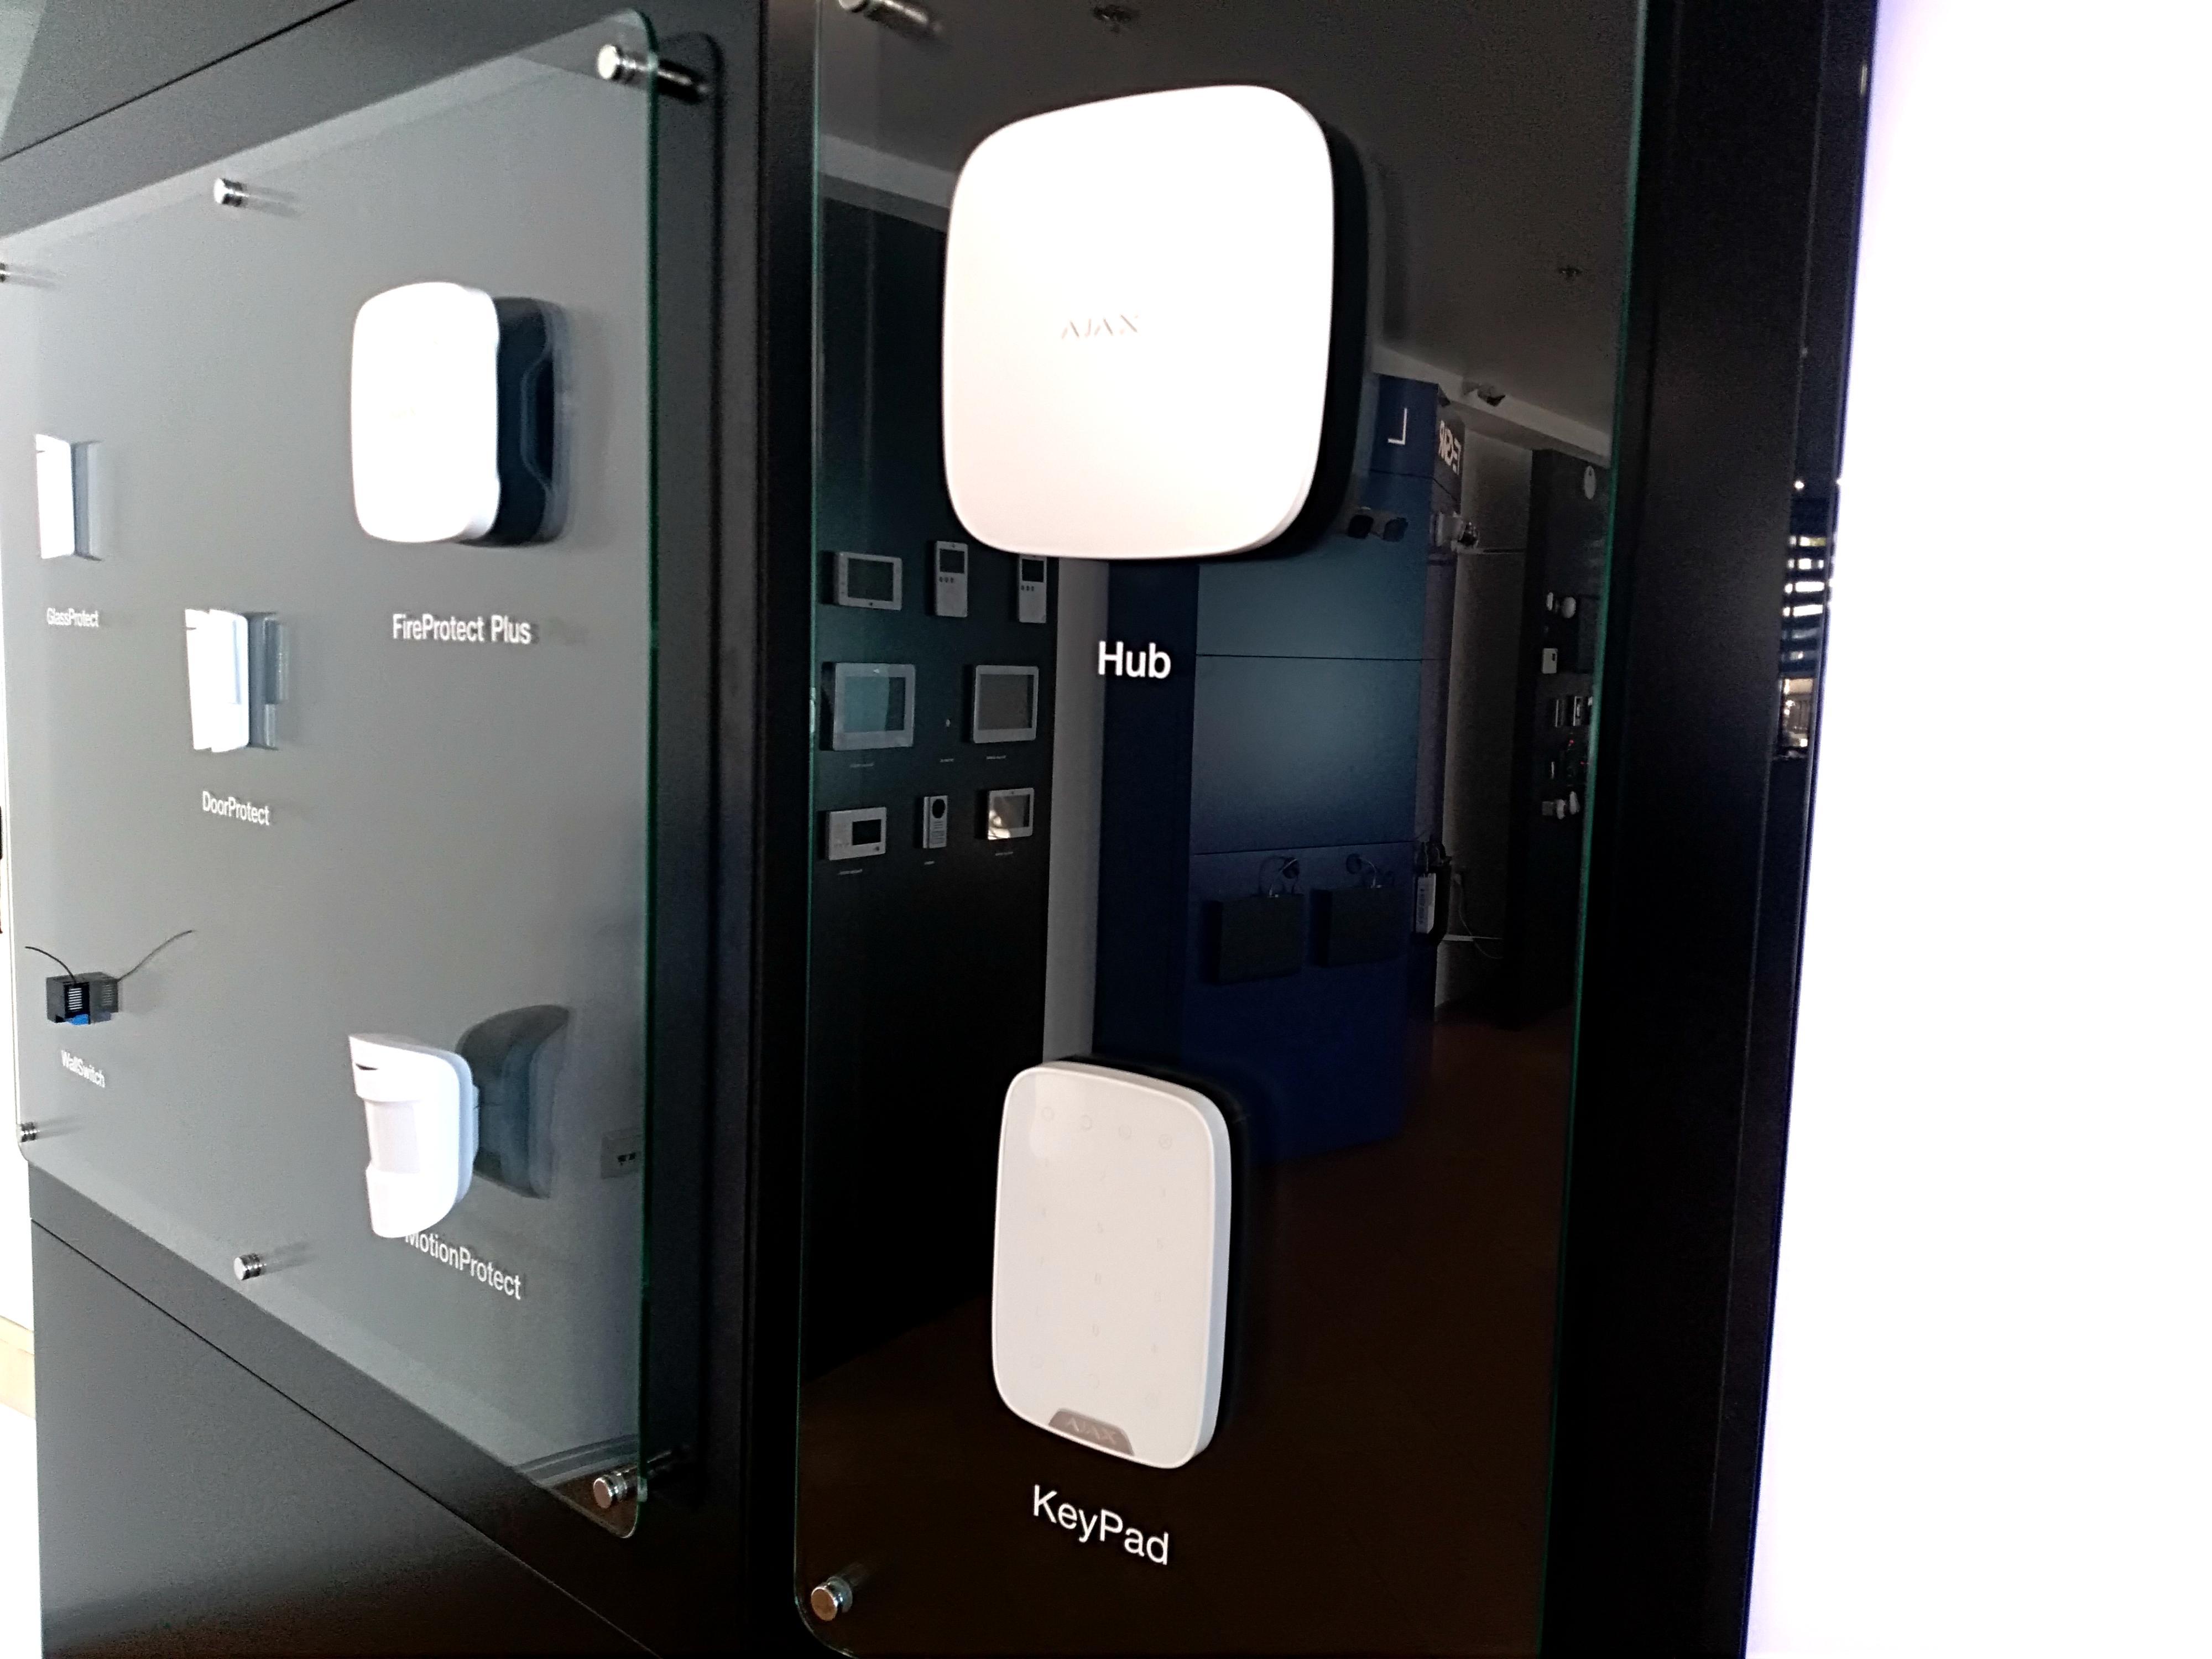 Хаб, клавиатура и датчики в зале Secur